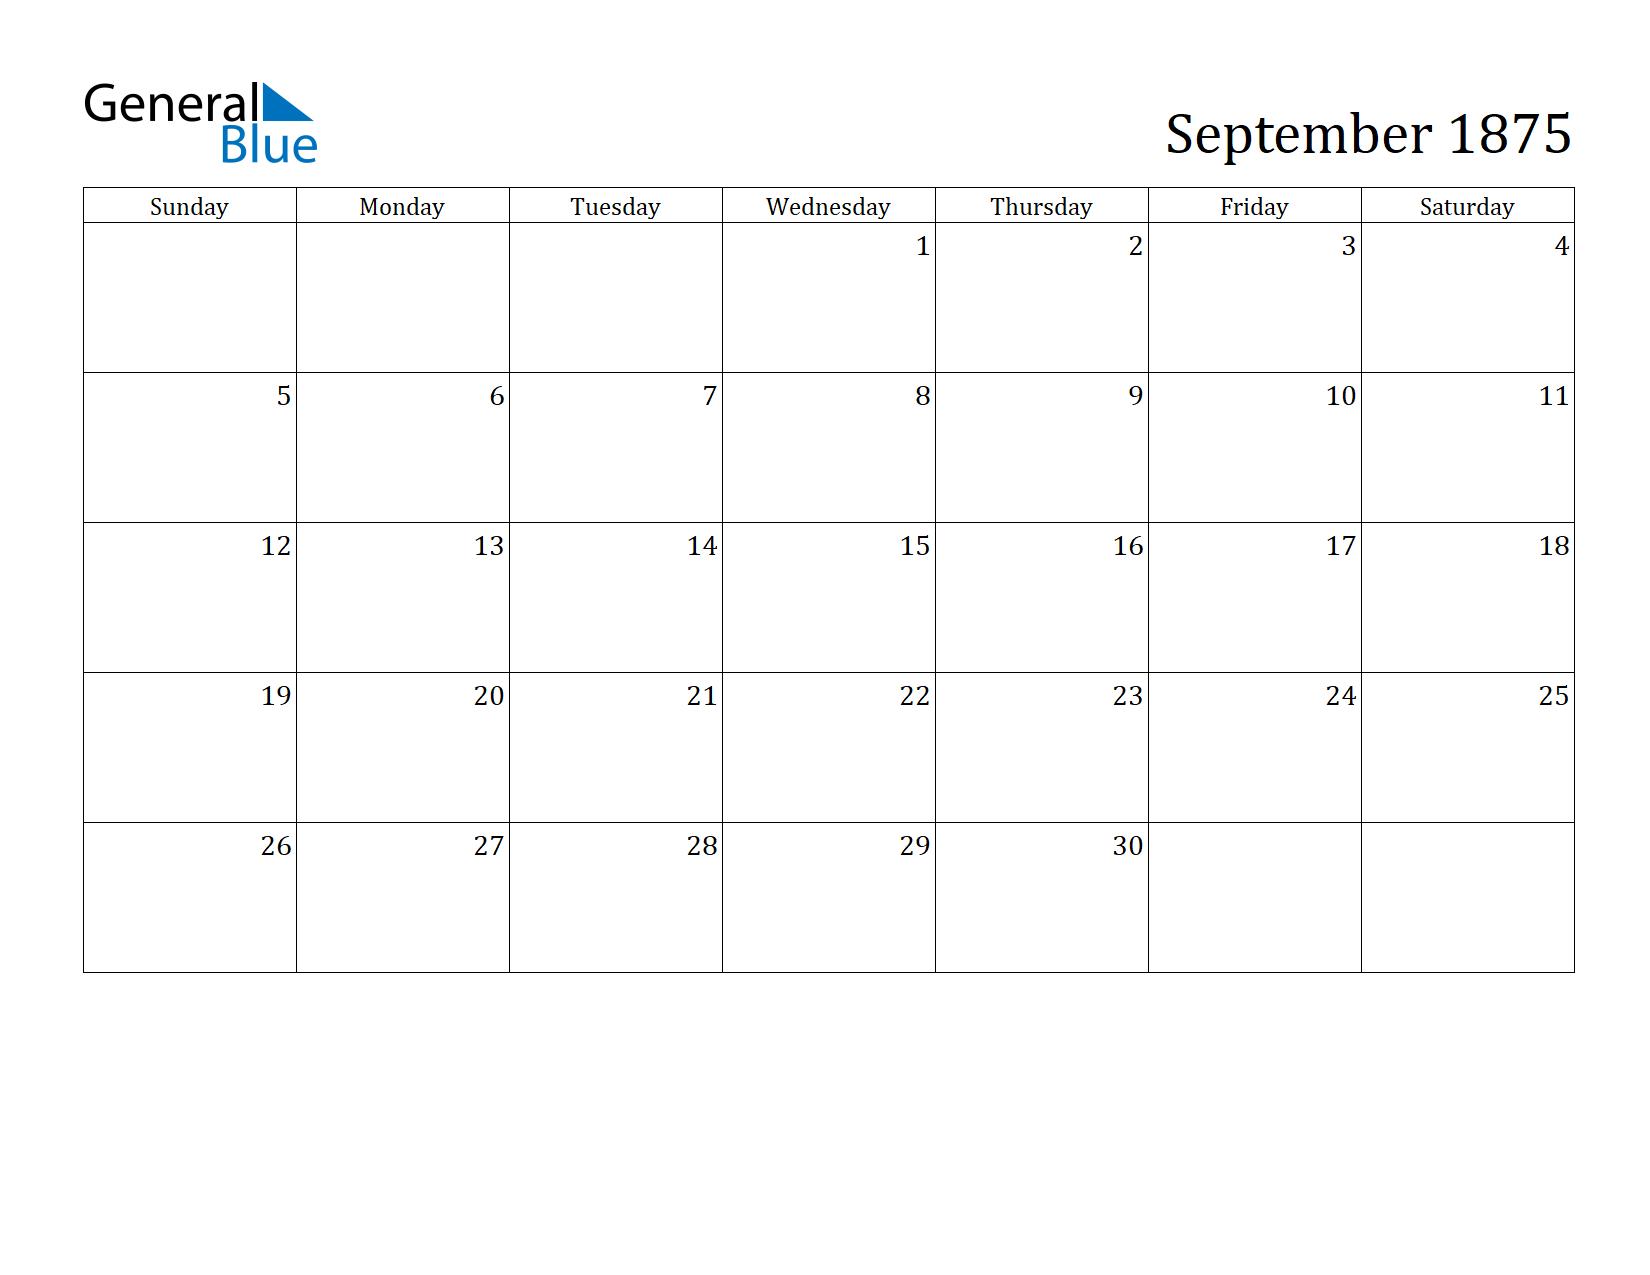 Image of September 1875 Calendar